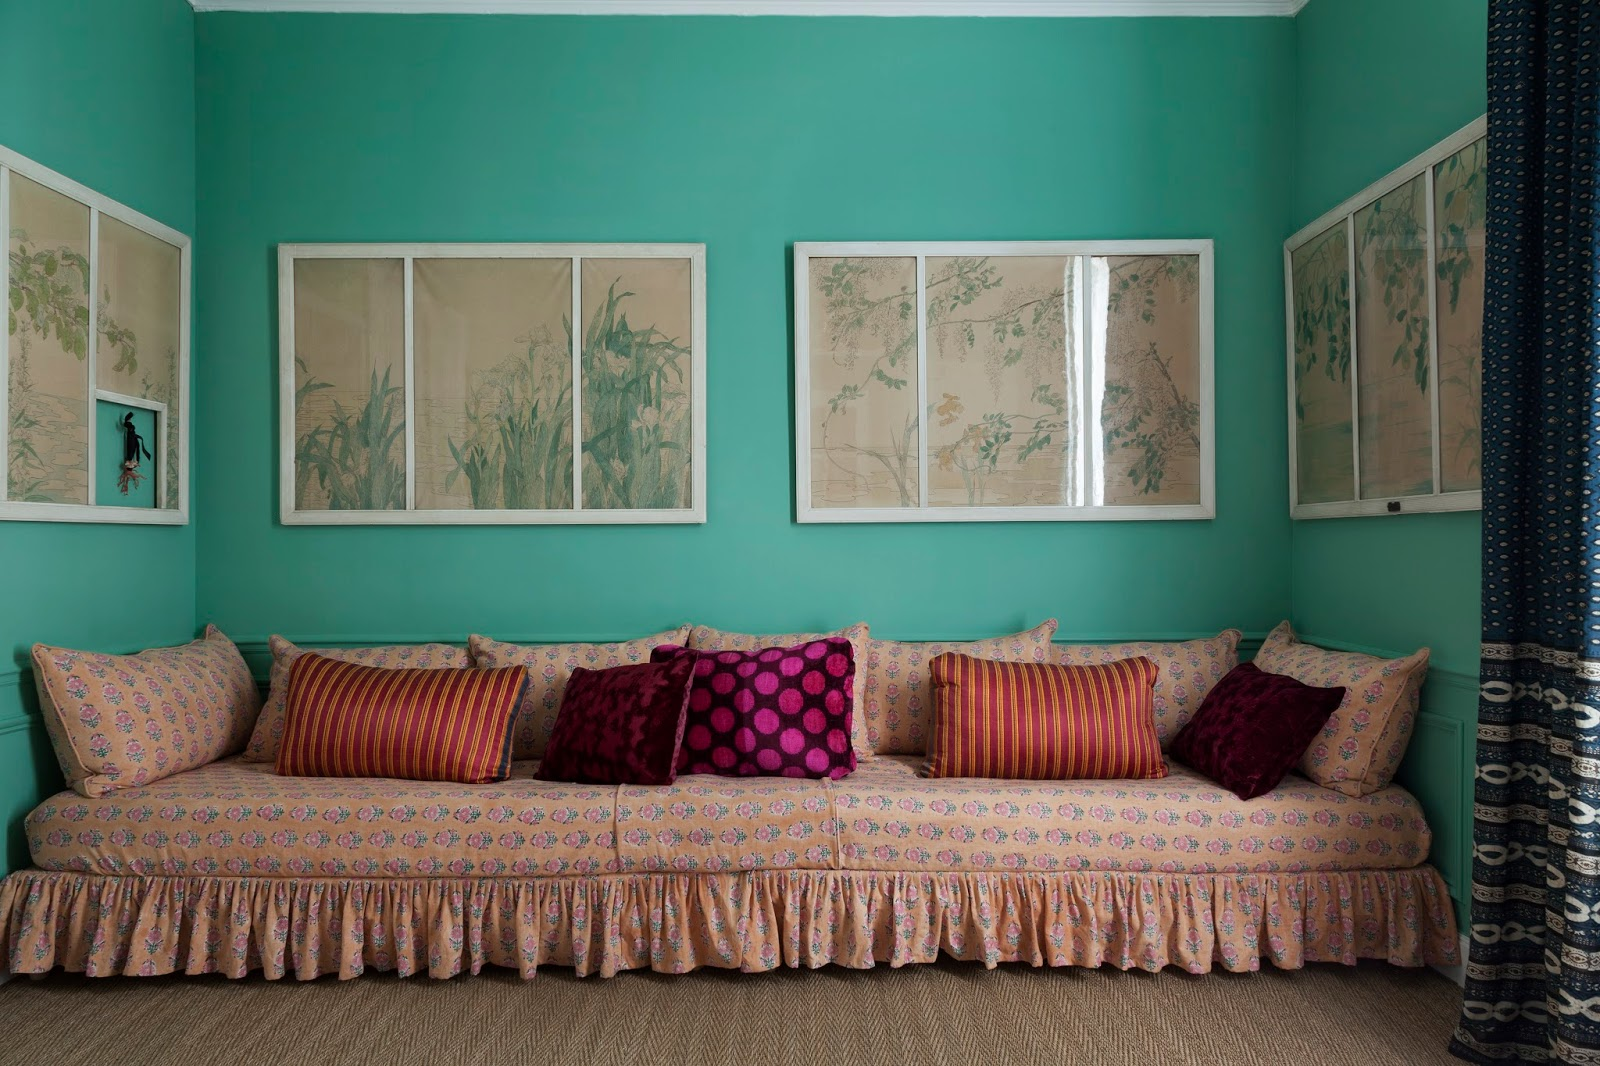 Tiny Home Designs: Little Augury: HAUTE BOHEMIANS~ MIGUEL FLORES VIANNA